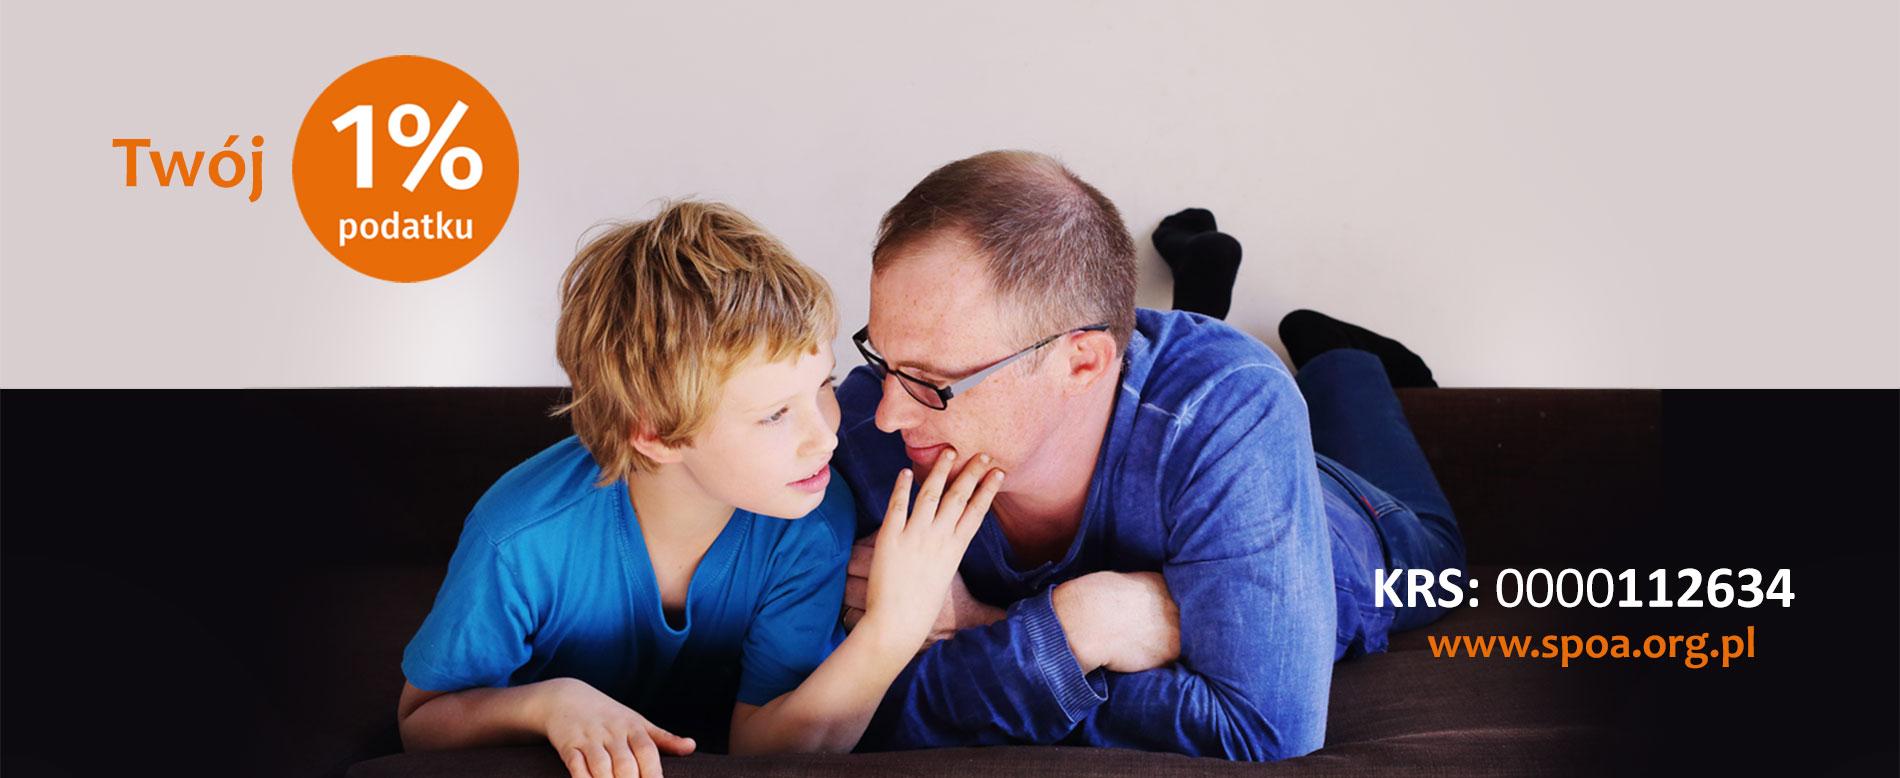 Dzięki Twojemu 1% pomagamy osobom z autyzmem i ich rodzinom